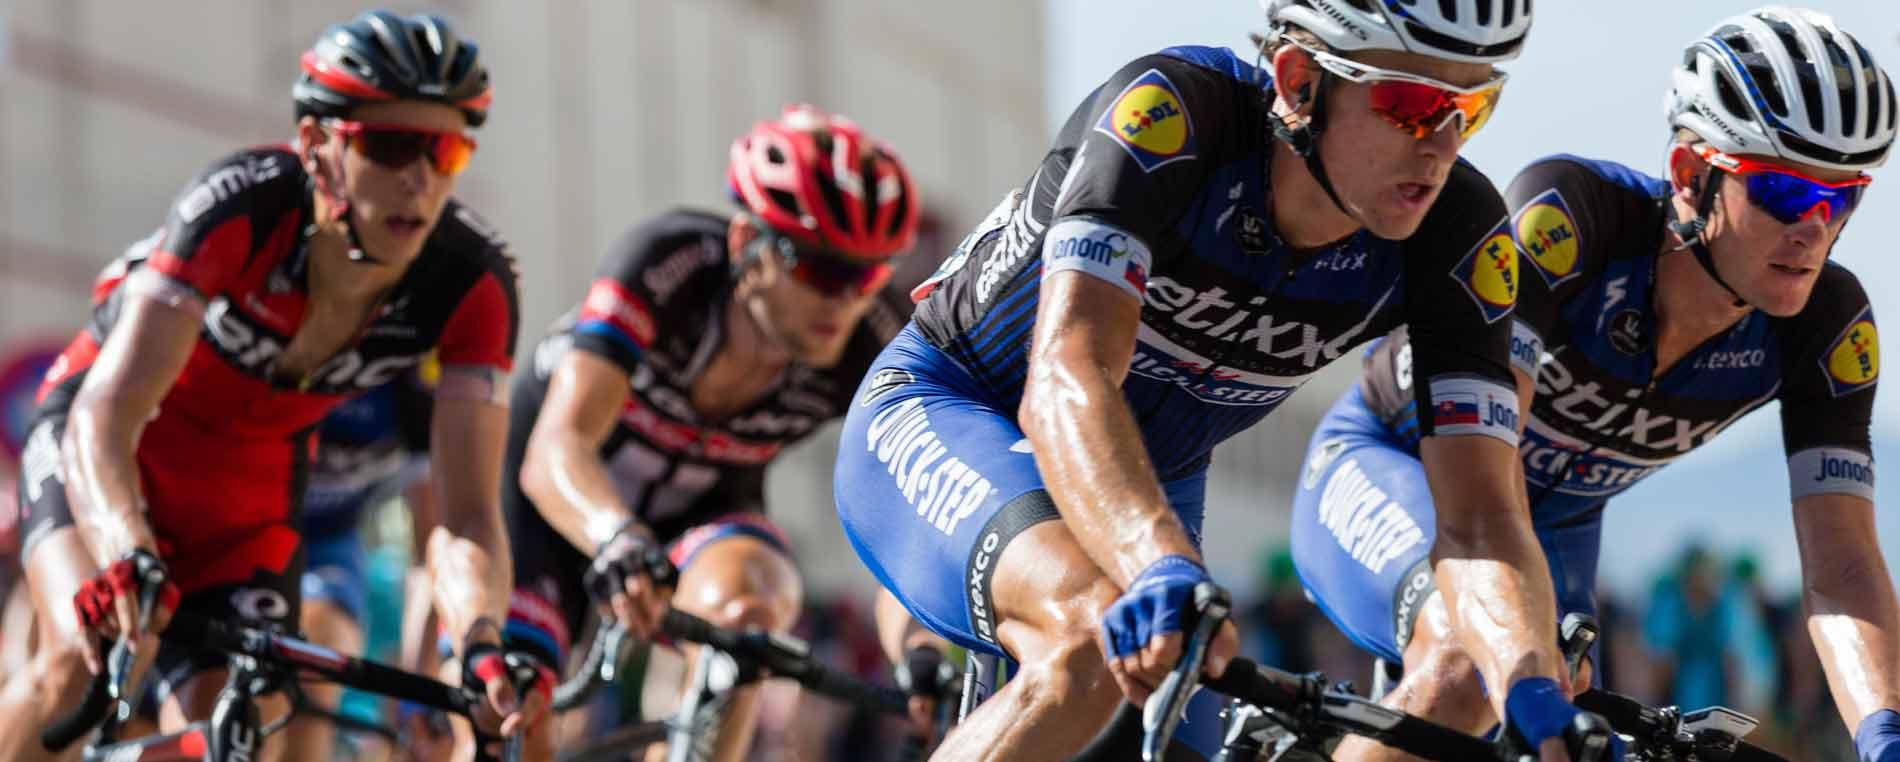 Grand départ du Tour de France à Brest en 2021 : retour sur l'histoire du Tour en Finistère